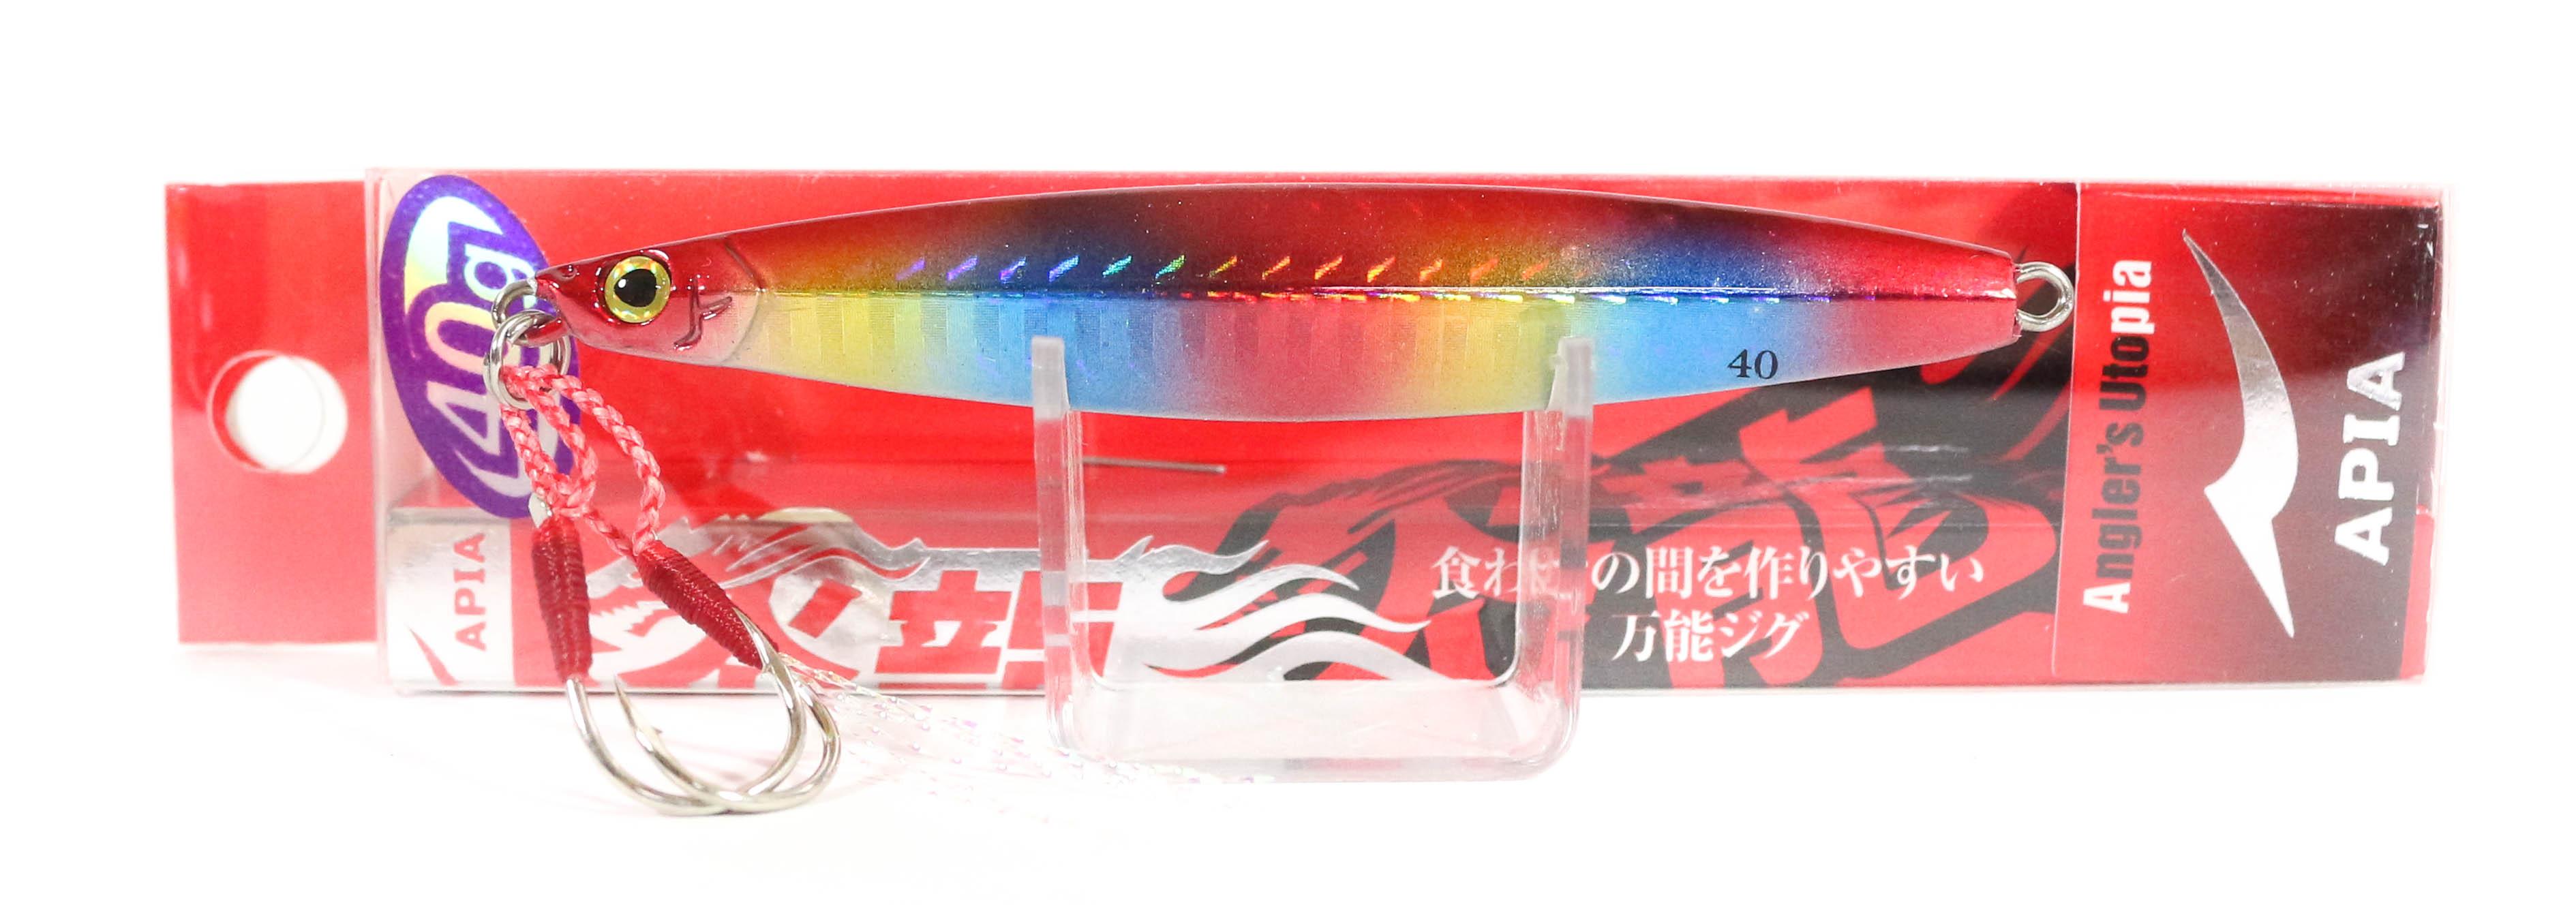 Sale Apia Metal Jig Enryu 40 grams 01 (8160)